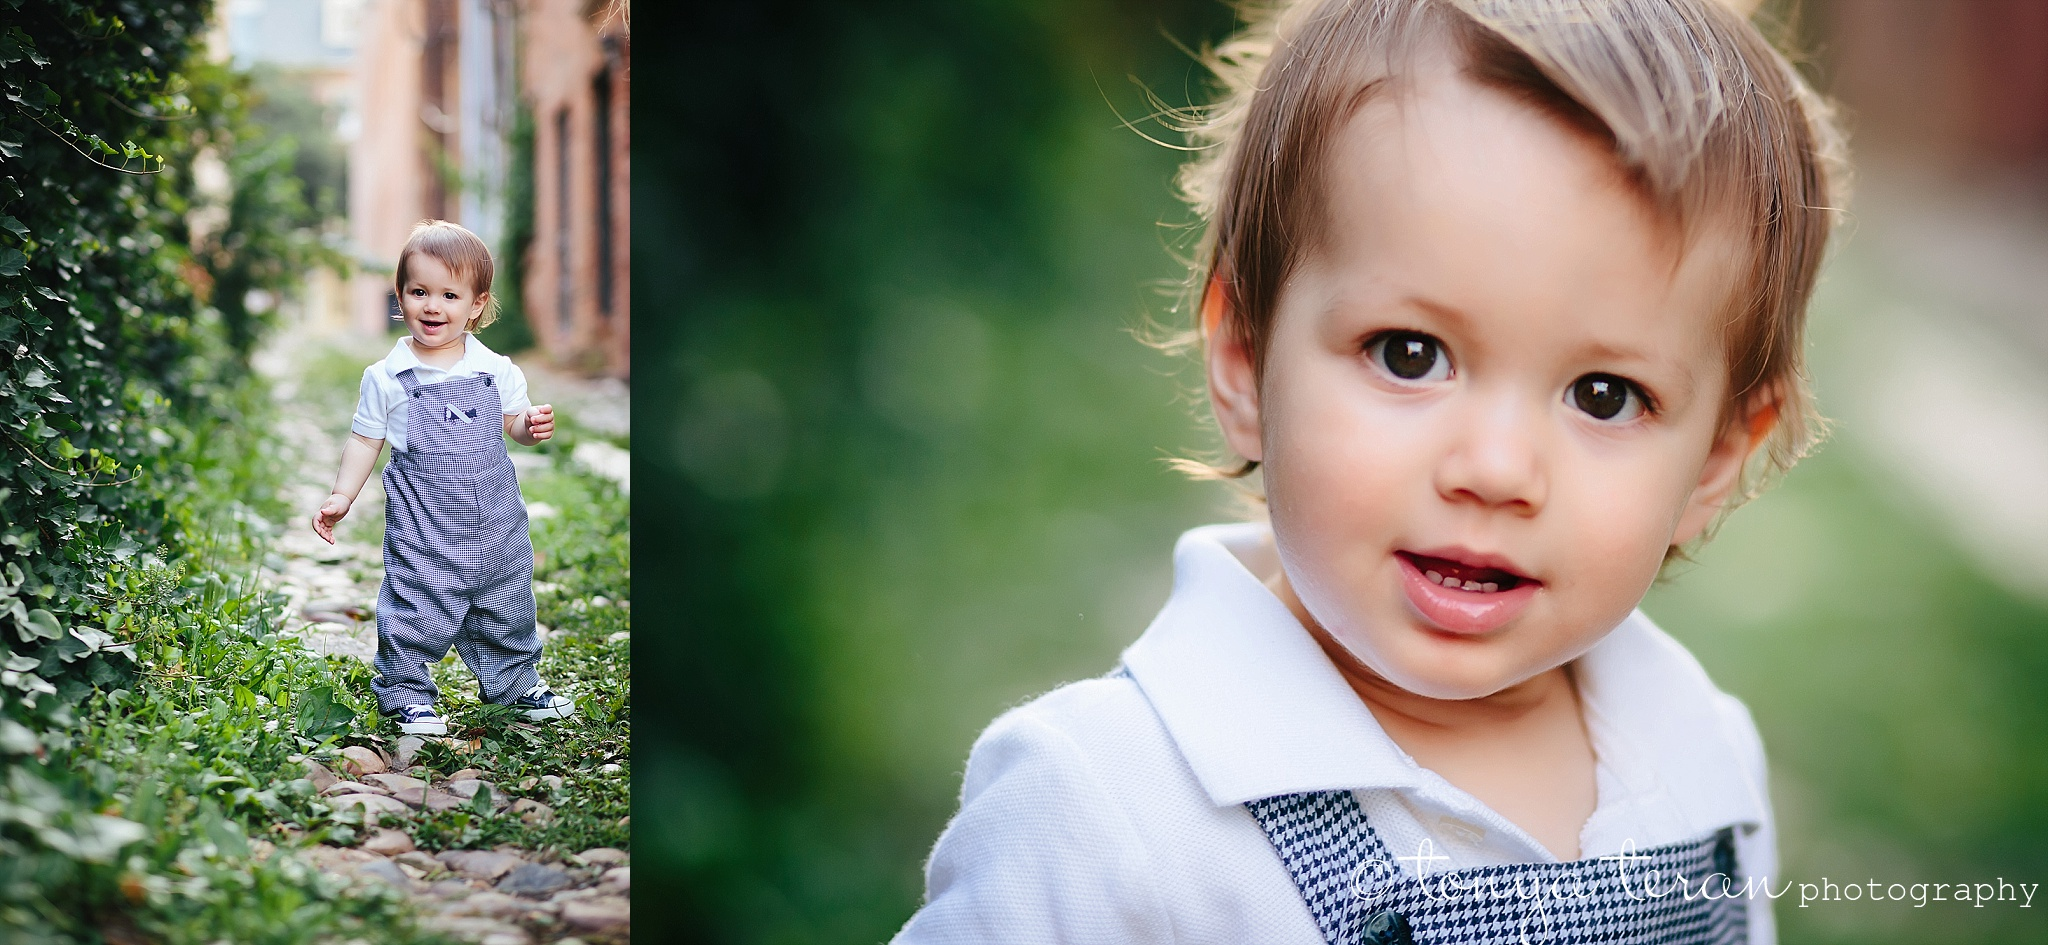 Outdoor Family Photo Session | Tonya Teran Photography, Alexandria, VA Newborn, Baby, and Family Photographer